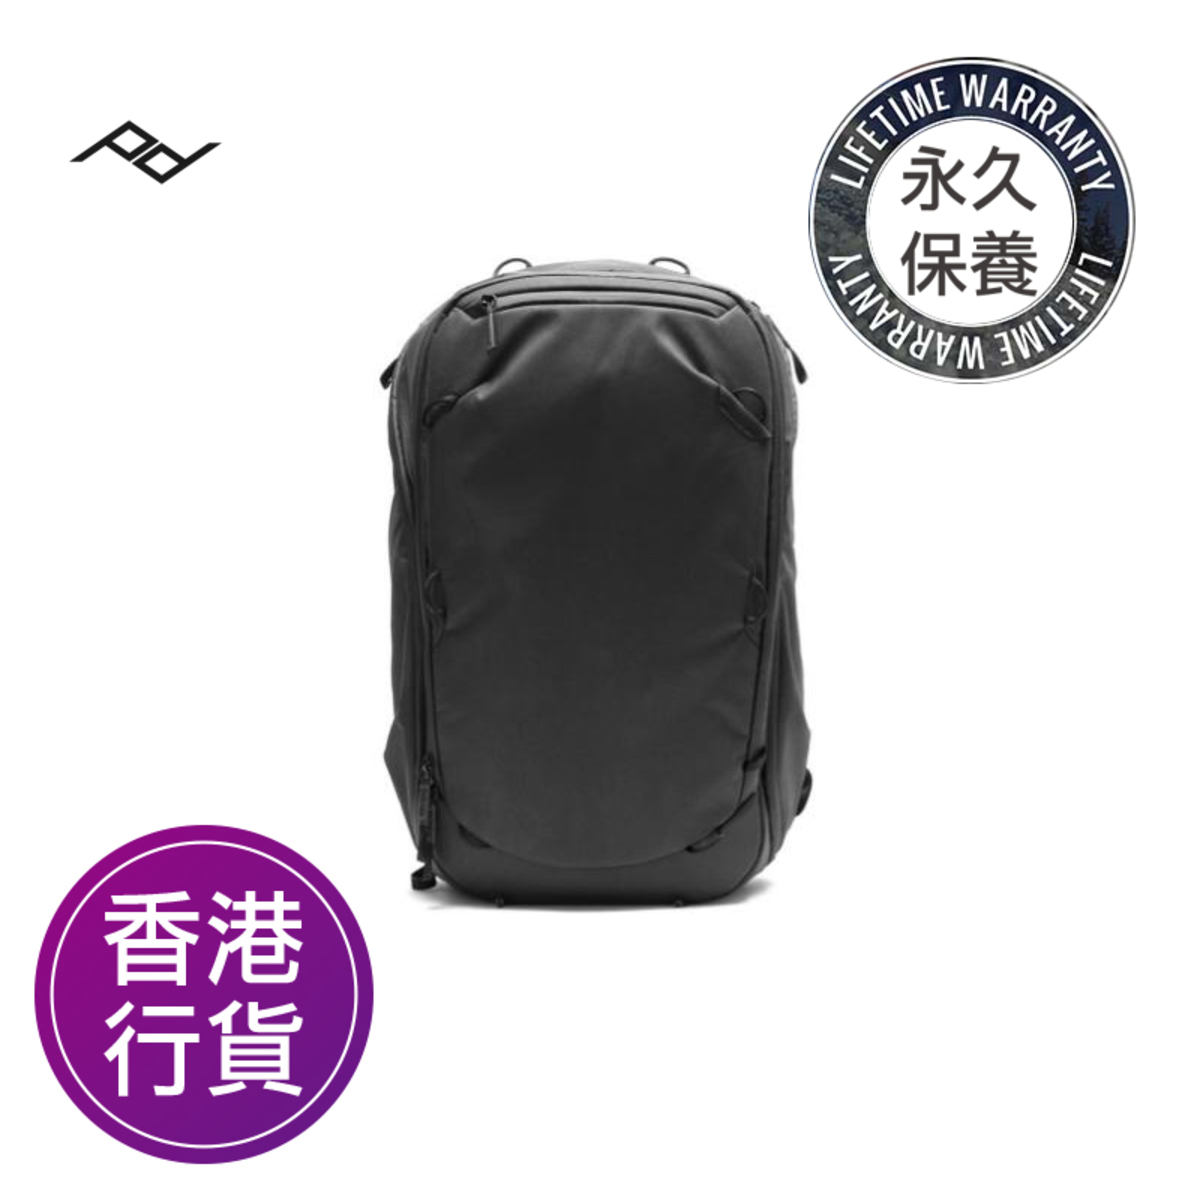 TRAVEL BACKPACK 旅行背包 45L - 黑色